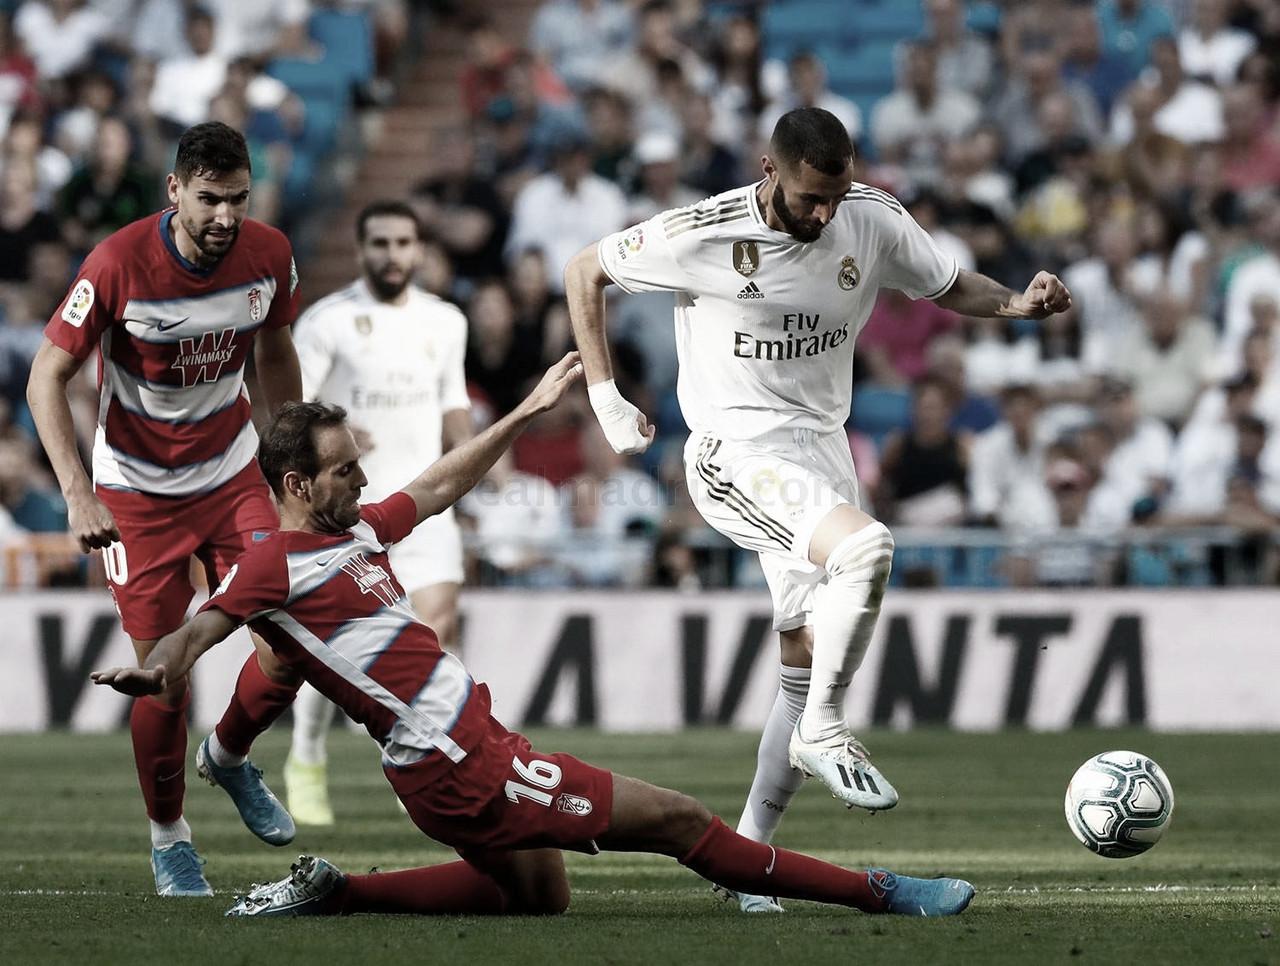 Real Madrid visita Granada visando manter vantagem sobre Barcelona